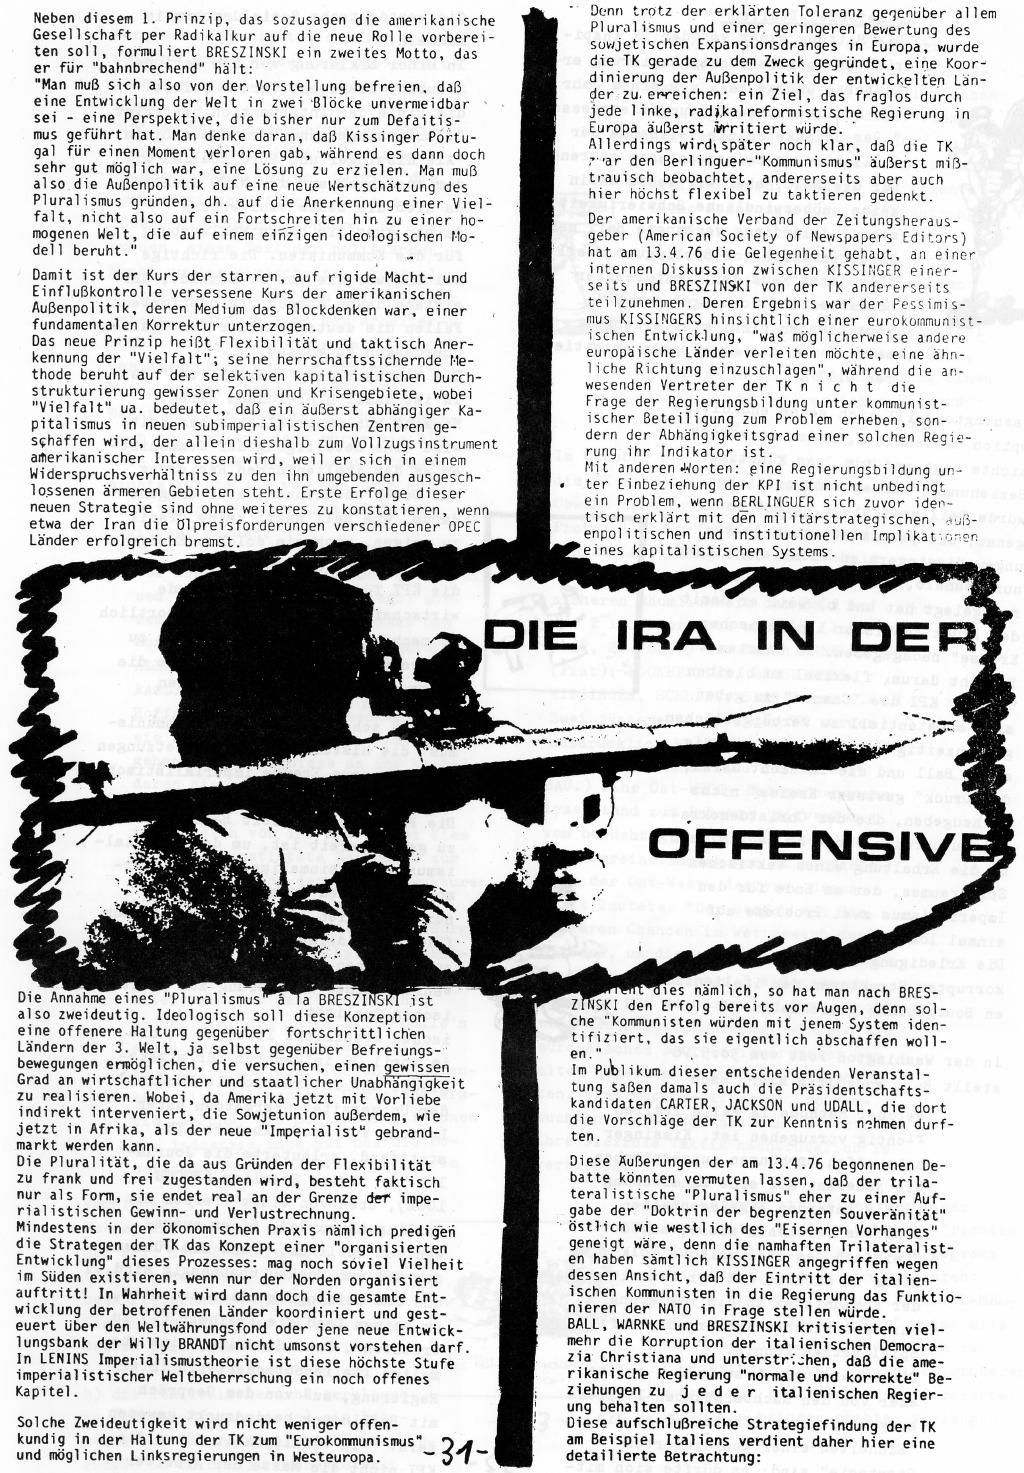 Bremen_1980_NATO_Broschuere_31